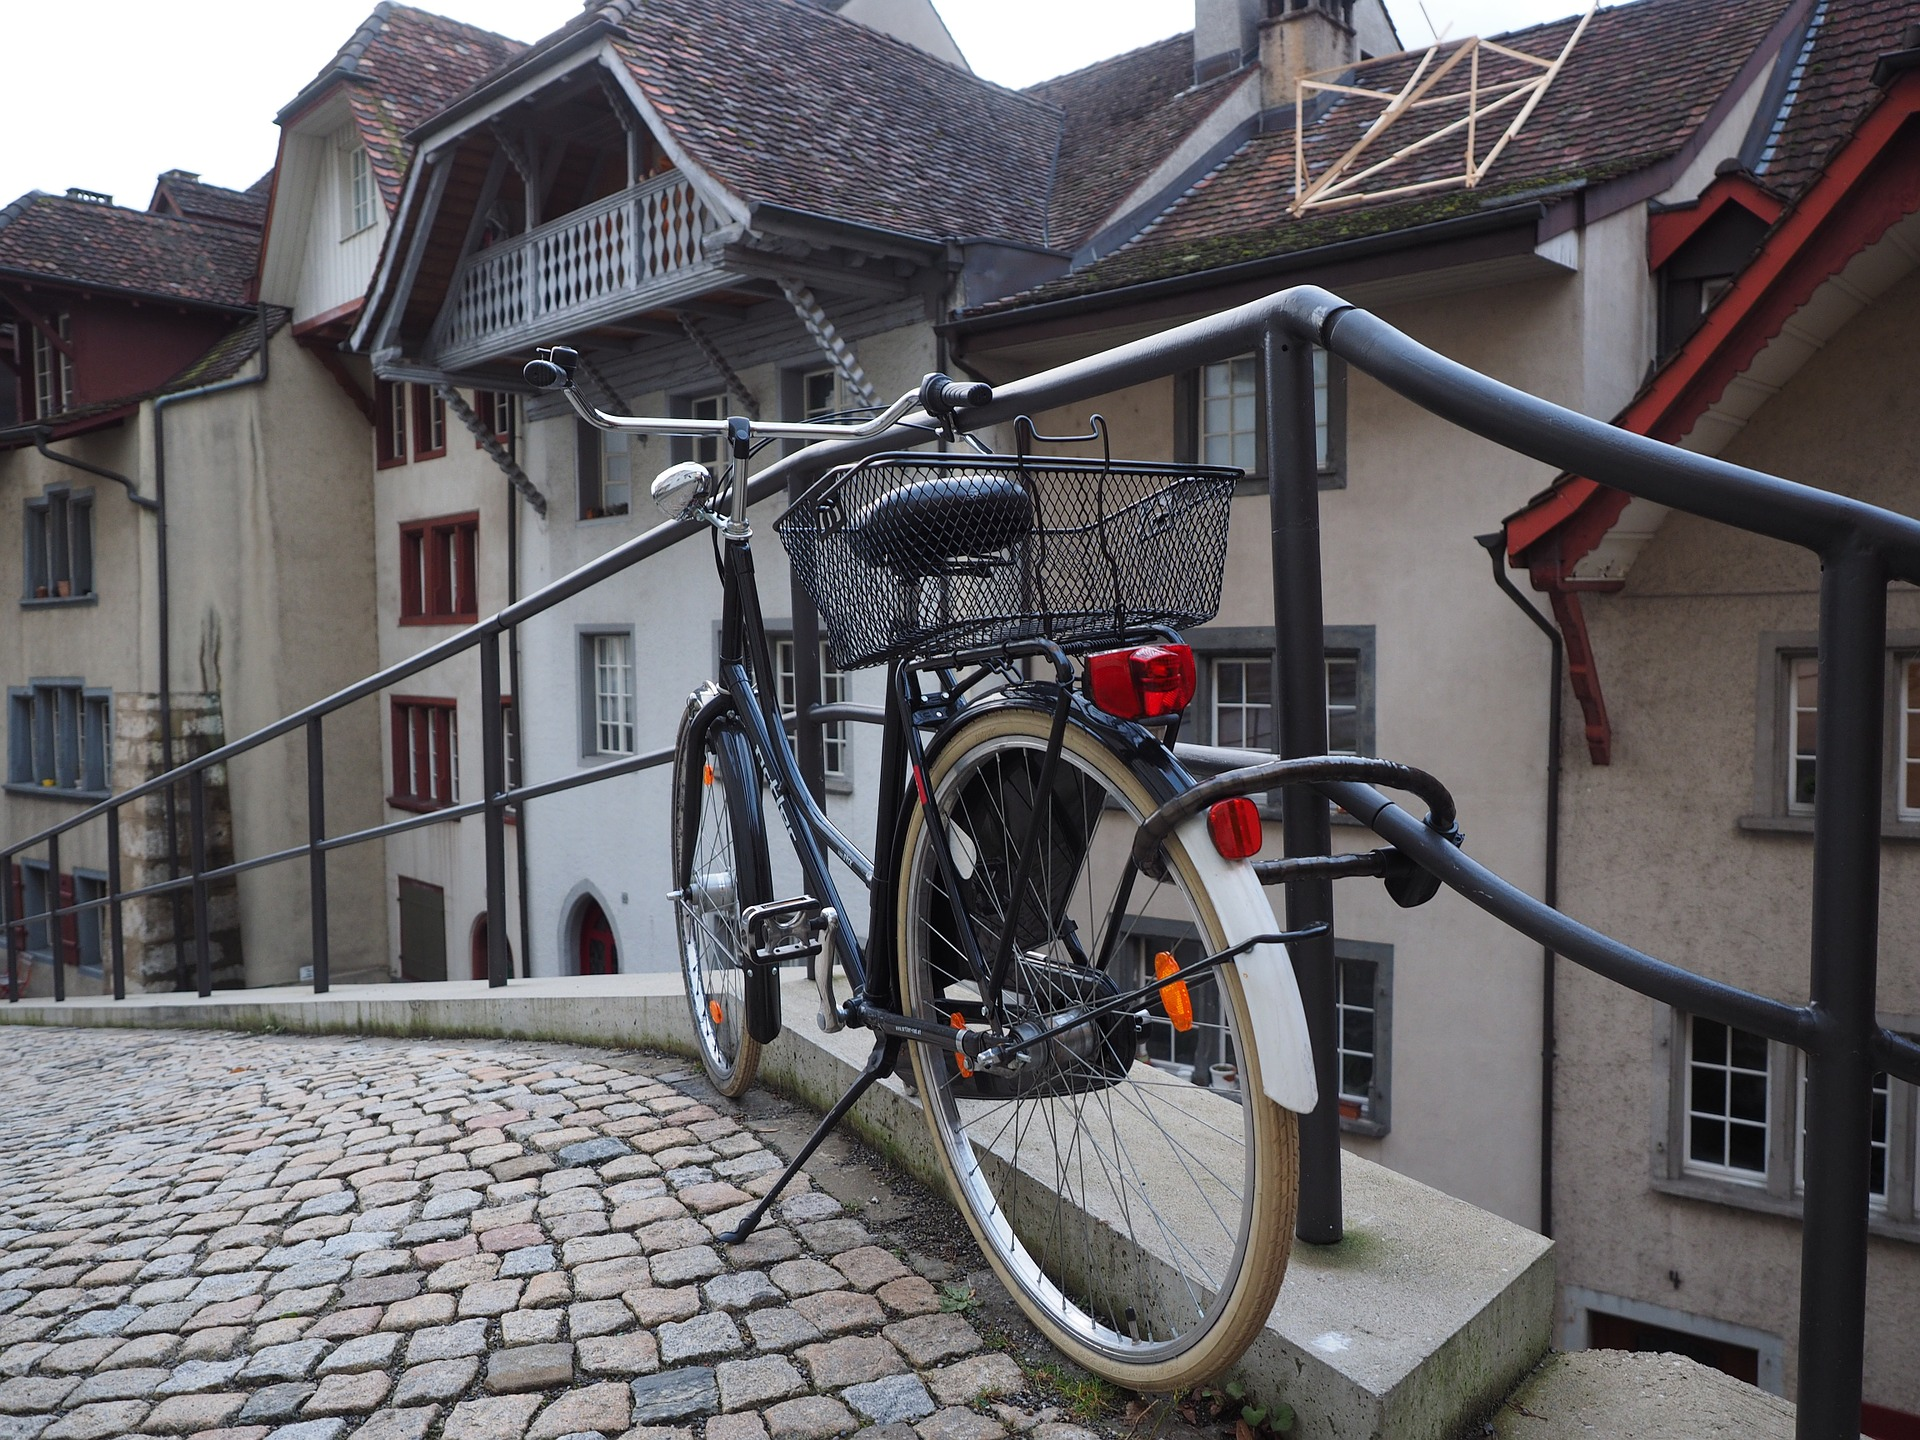 ¿Qué candado debo comprar para evitar el robo de mi bicicleta?